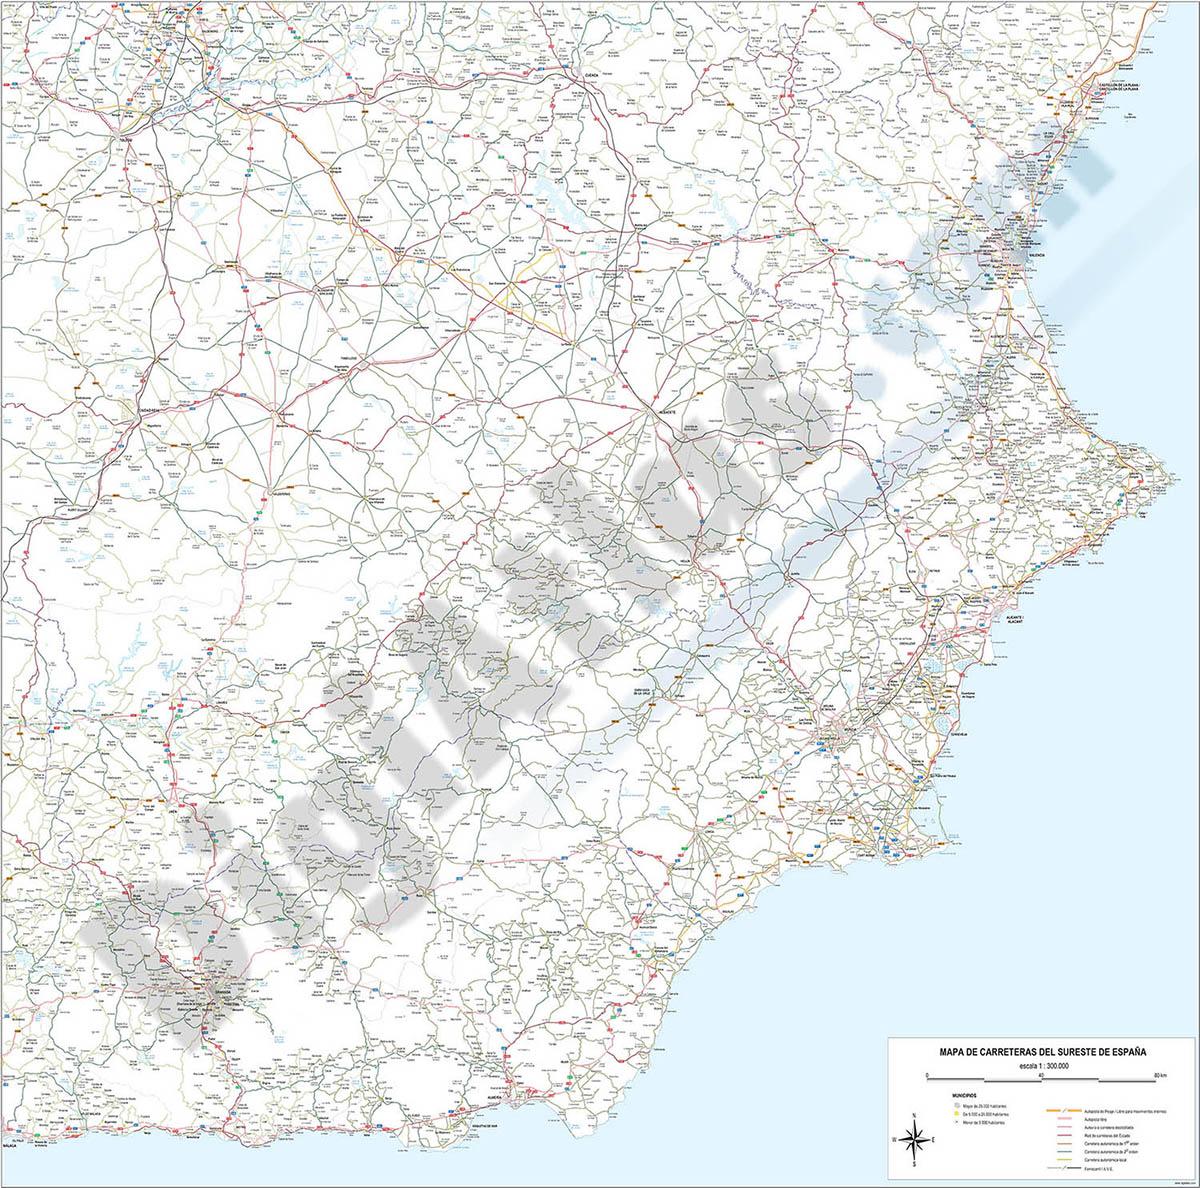 Mapa de Alicante, Murcia y Almería